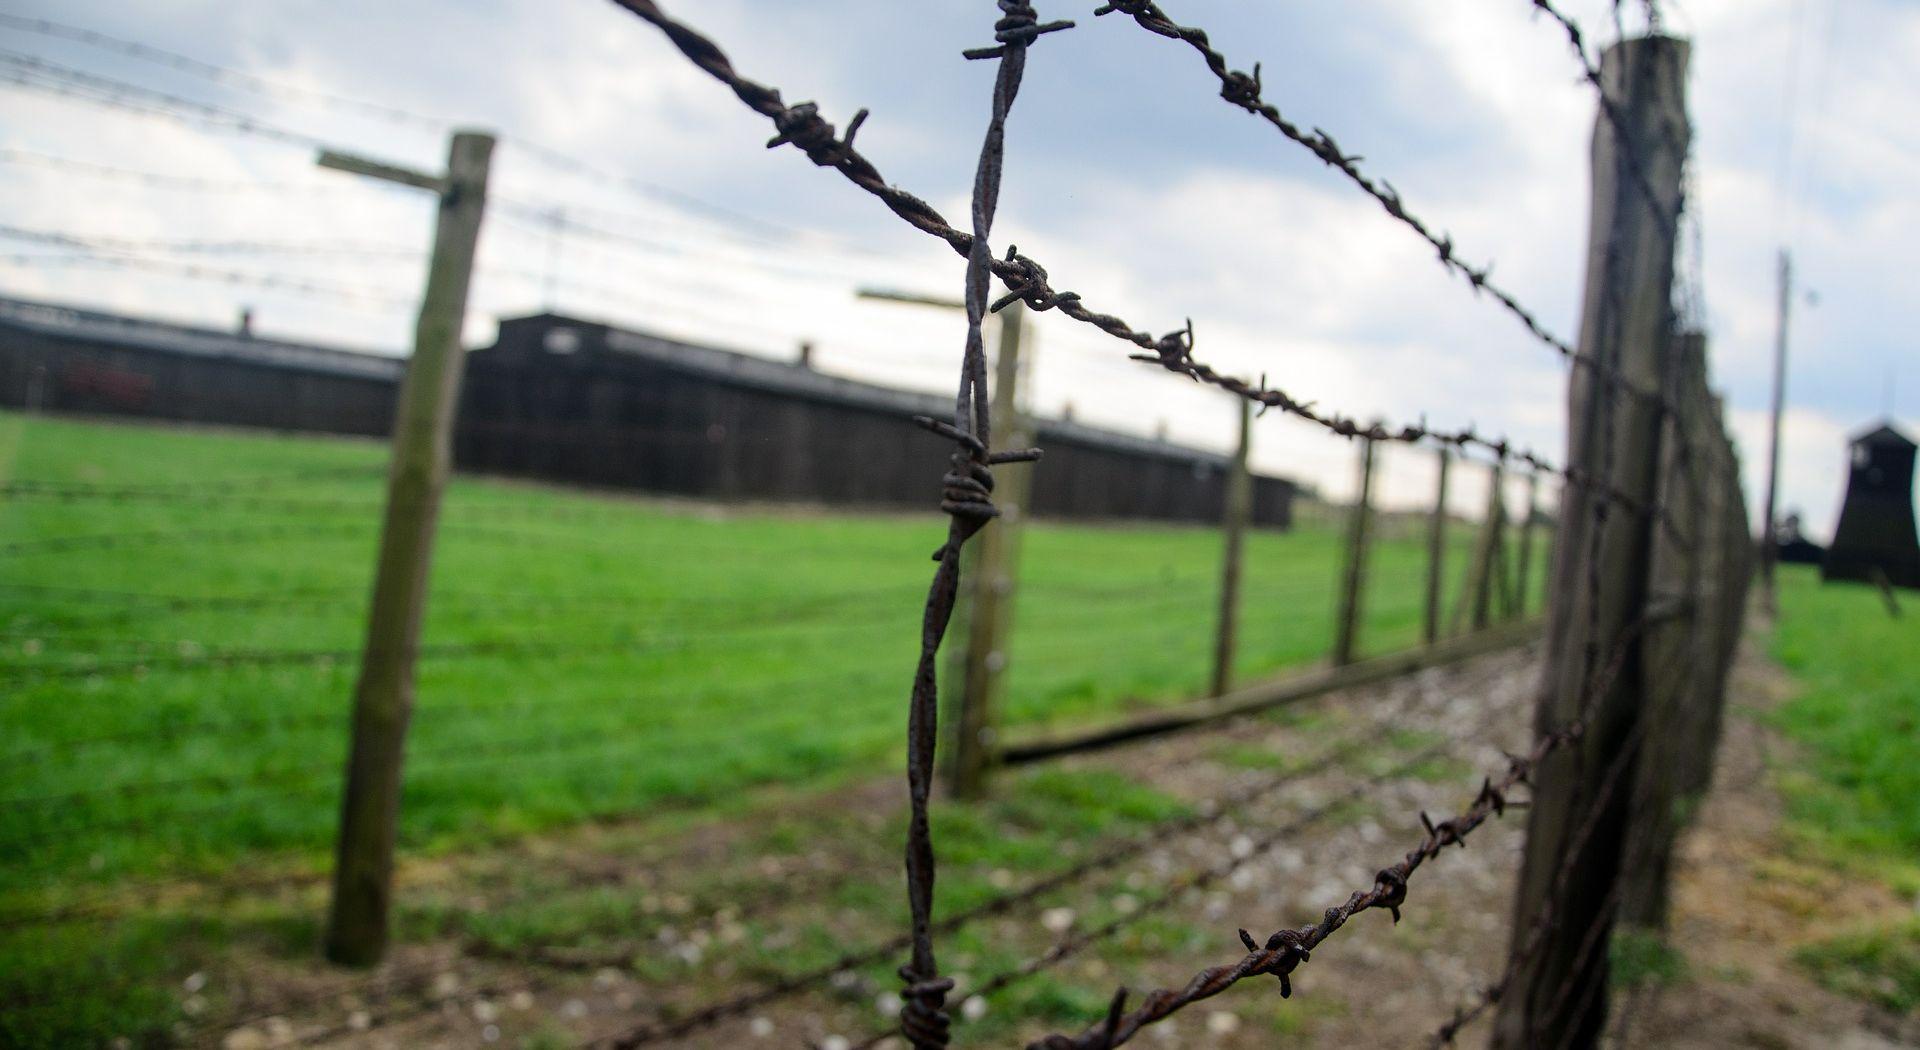 Obilježena 71. godišnjica oslobođenja nacističkog logora Mauthausen u Austriji